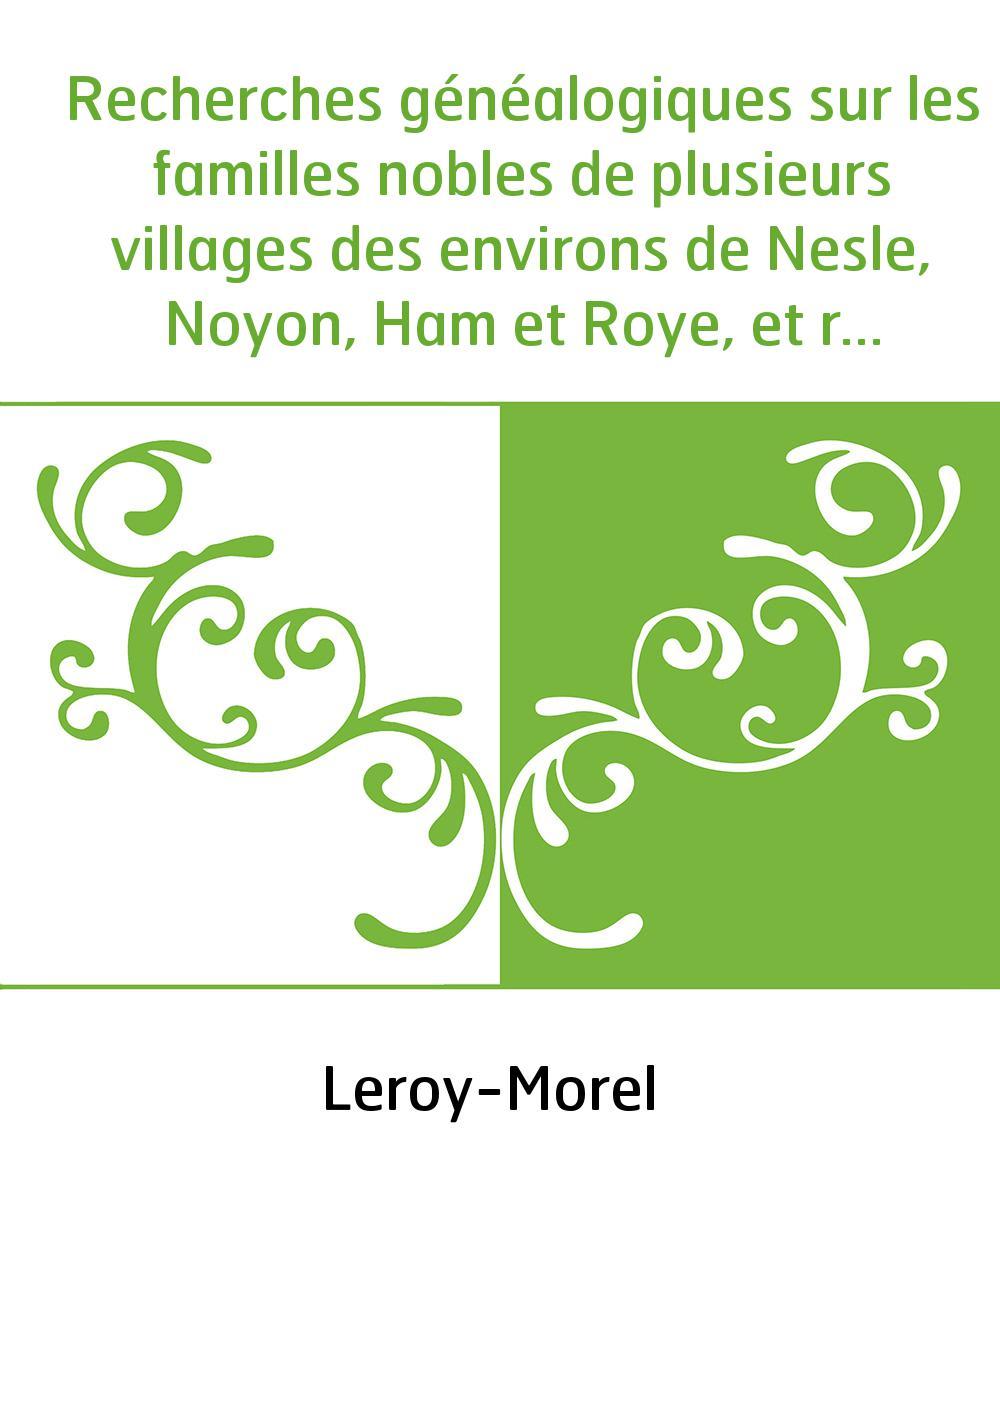 Recherches généalogiques sur les familles nobles de plusieurs villages des environs de Nesle, Noyon, Ham et Roye, et recherches